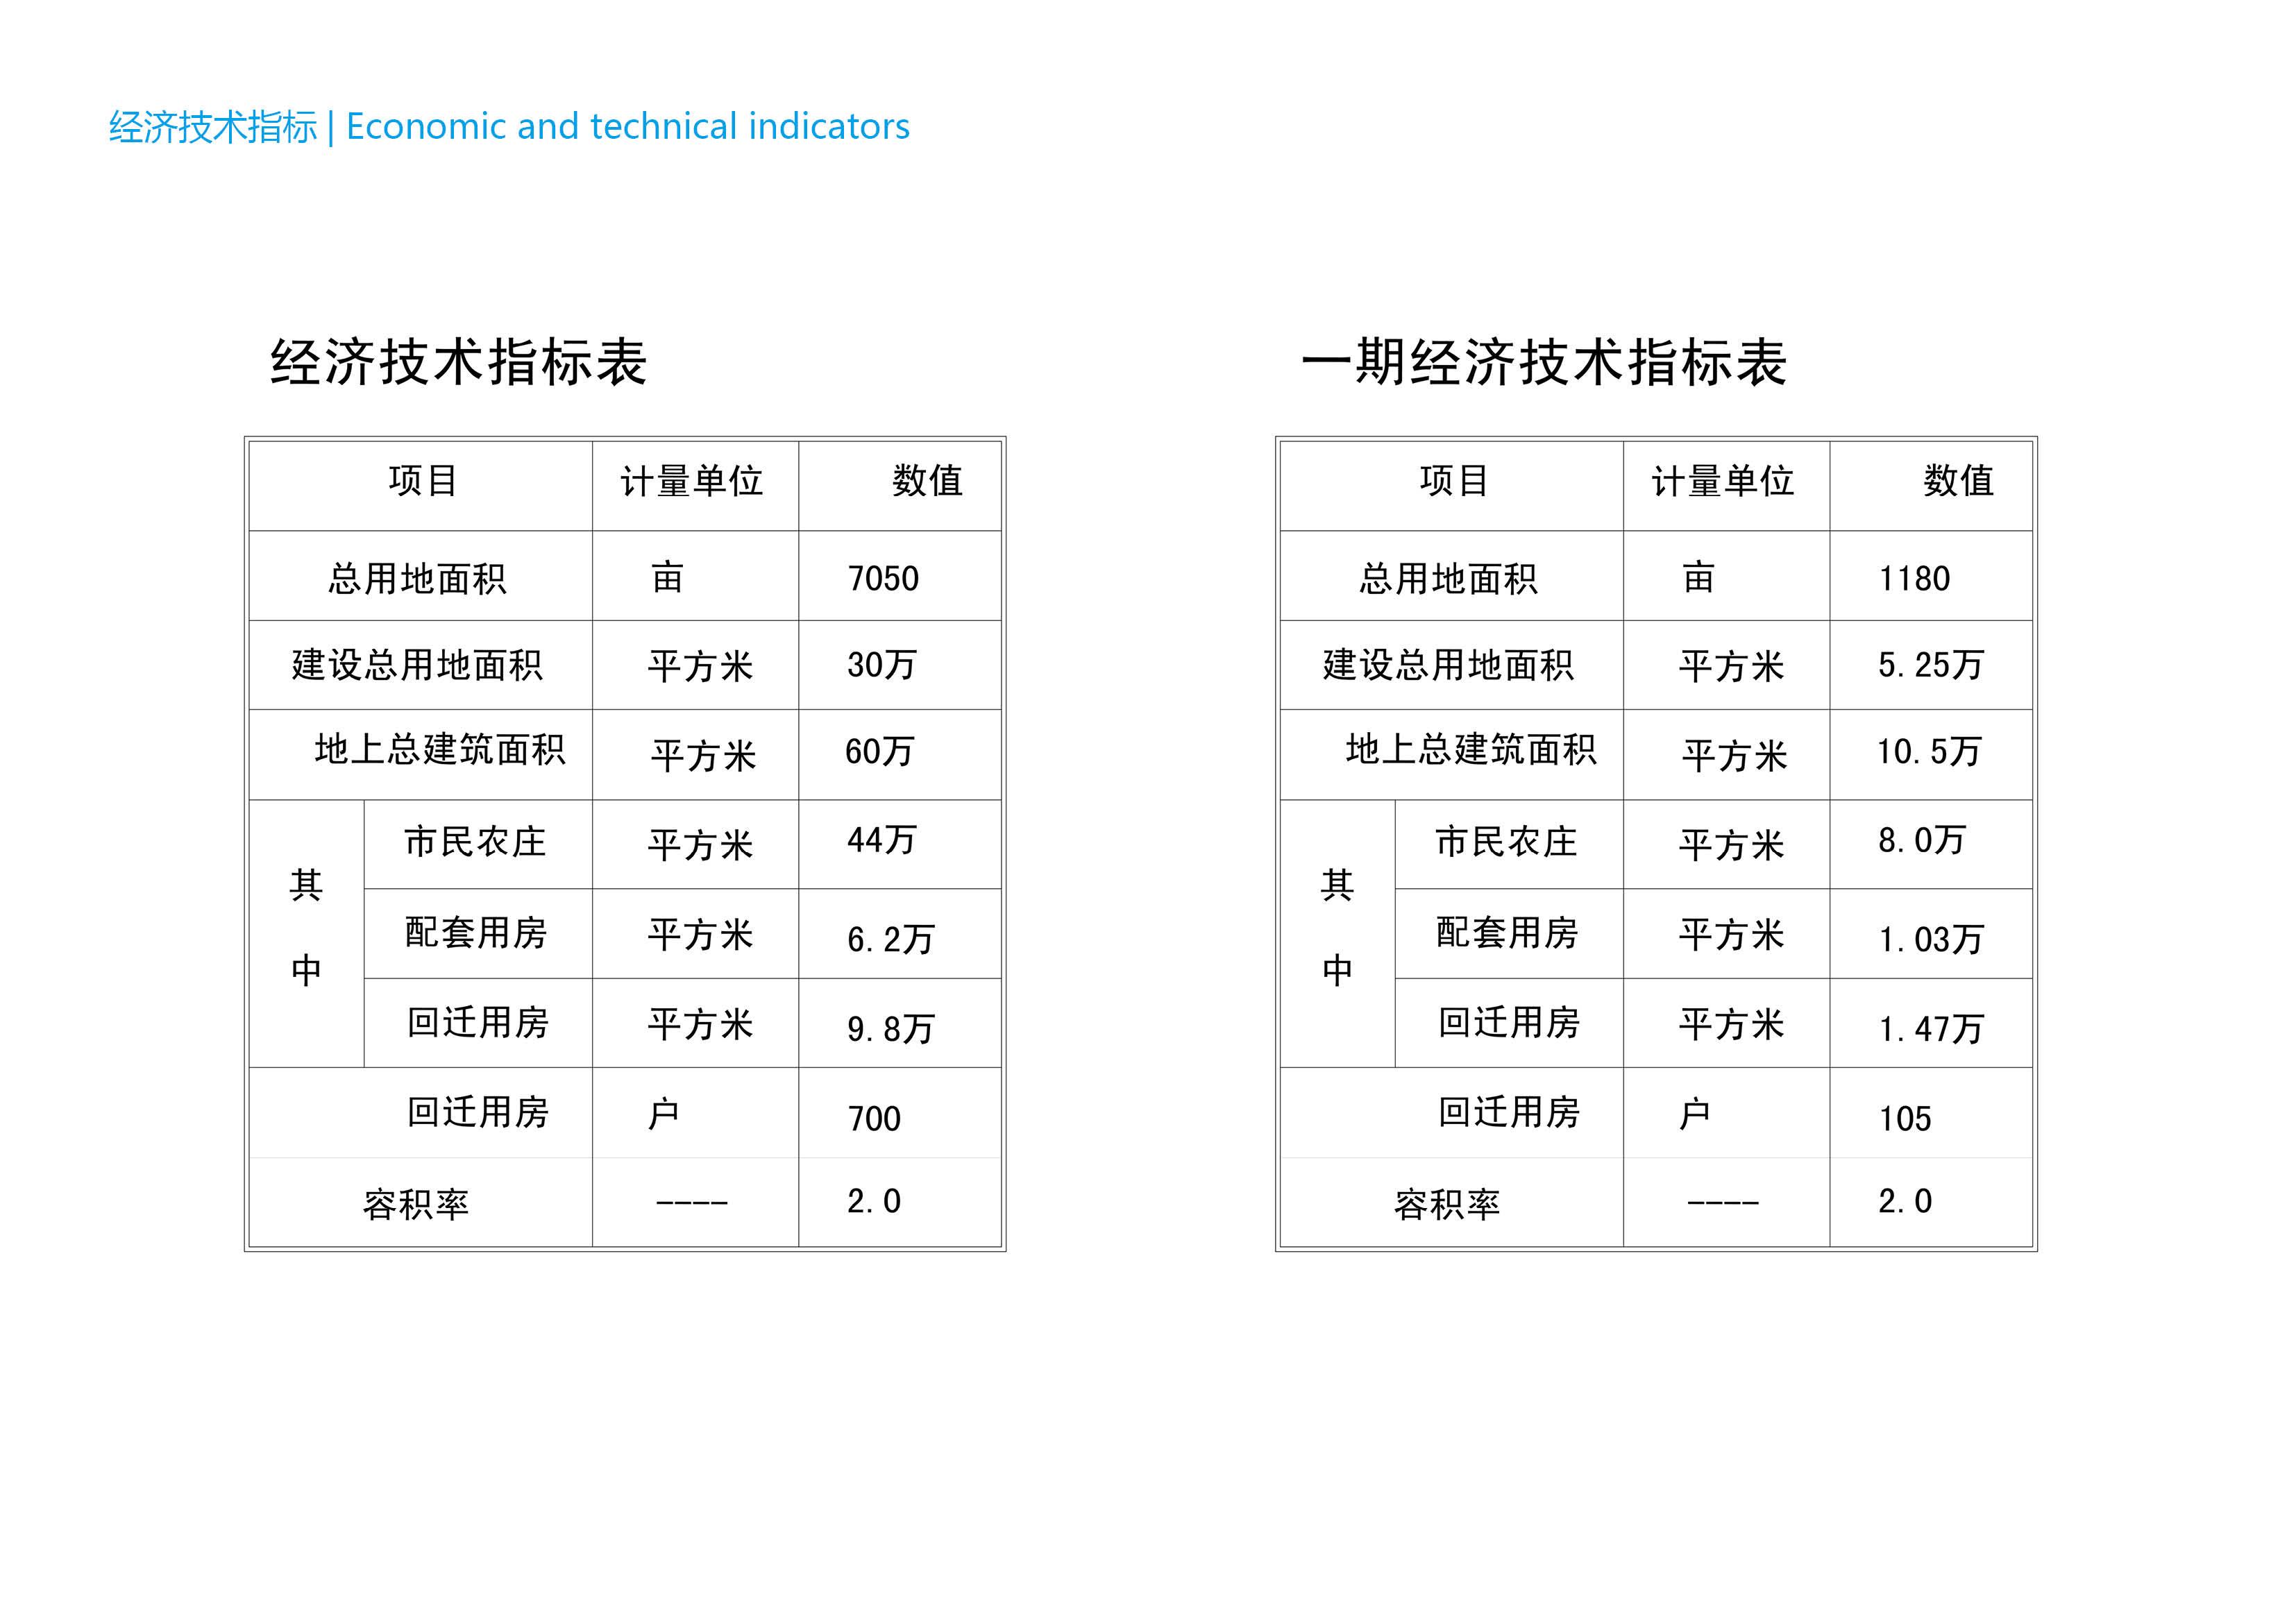 上海金山區市民農莊項目戰略發展規劃12.30-上海金山區市民農莊項目戰略發展規劃86